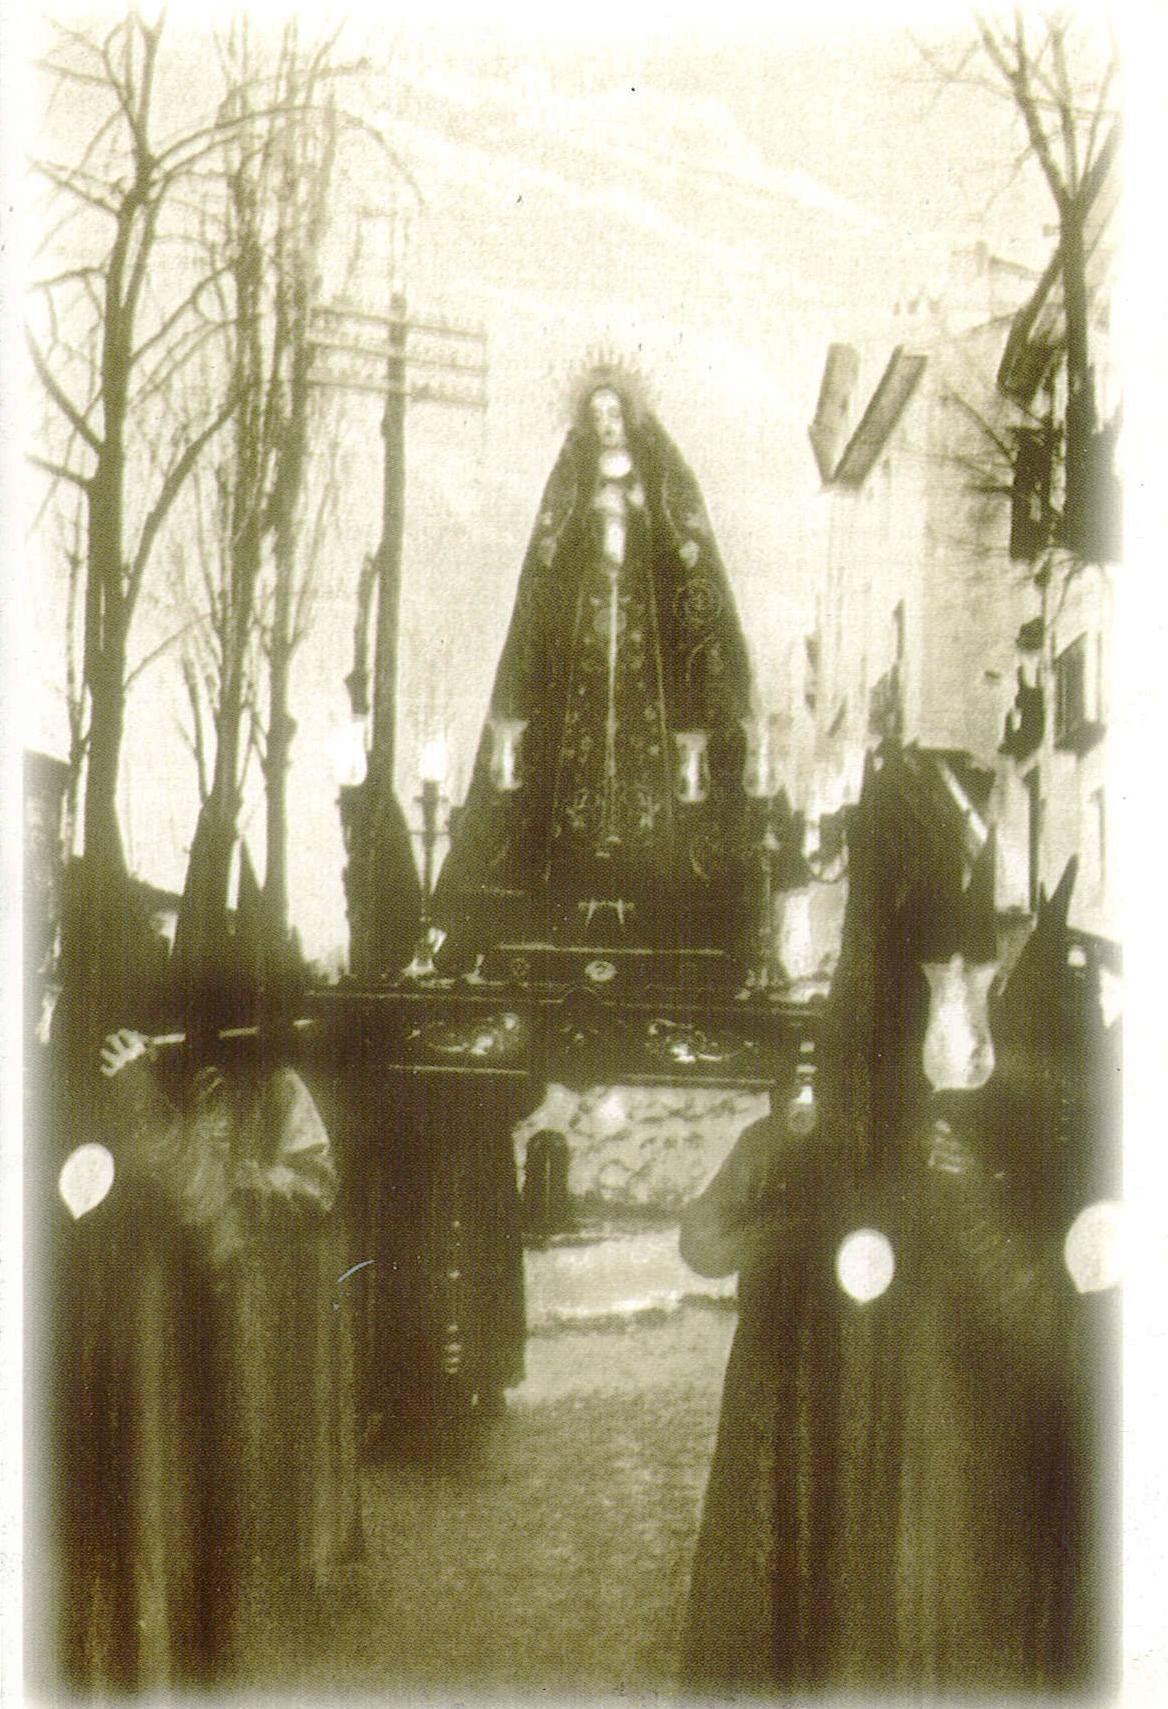 Semana Santa Cuenca 1922 Virgen de la Soledad Fotografía editada por Heliotipia Artística Española de Madrid y distribuido por el periódico La Tribuna de Cuenca #SemanaSanta #Cuenca #HermandadVirgenSoledadSanAgustin